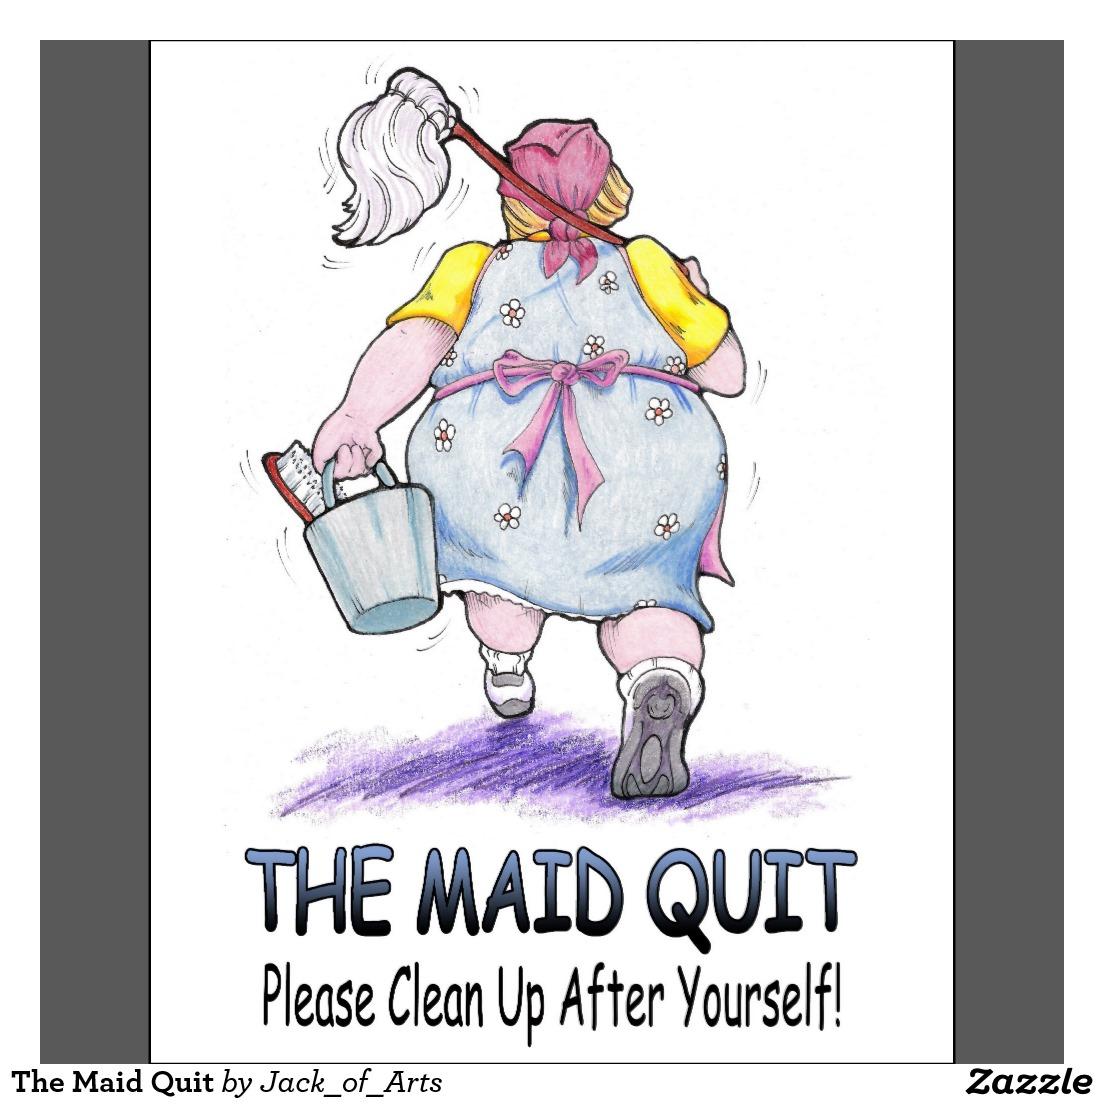 the_maid_quit_poster-r495456f5e5144d5eb29e4af3e17c2cf4_i3cxh_8byvr_1024